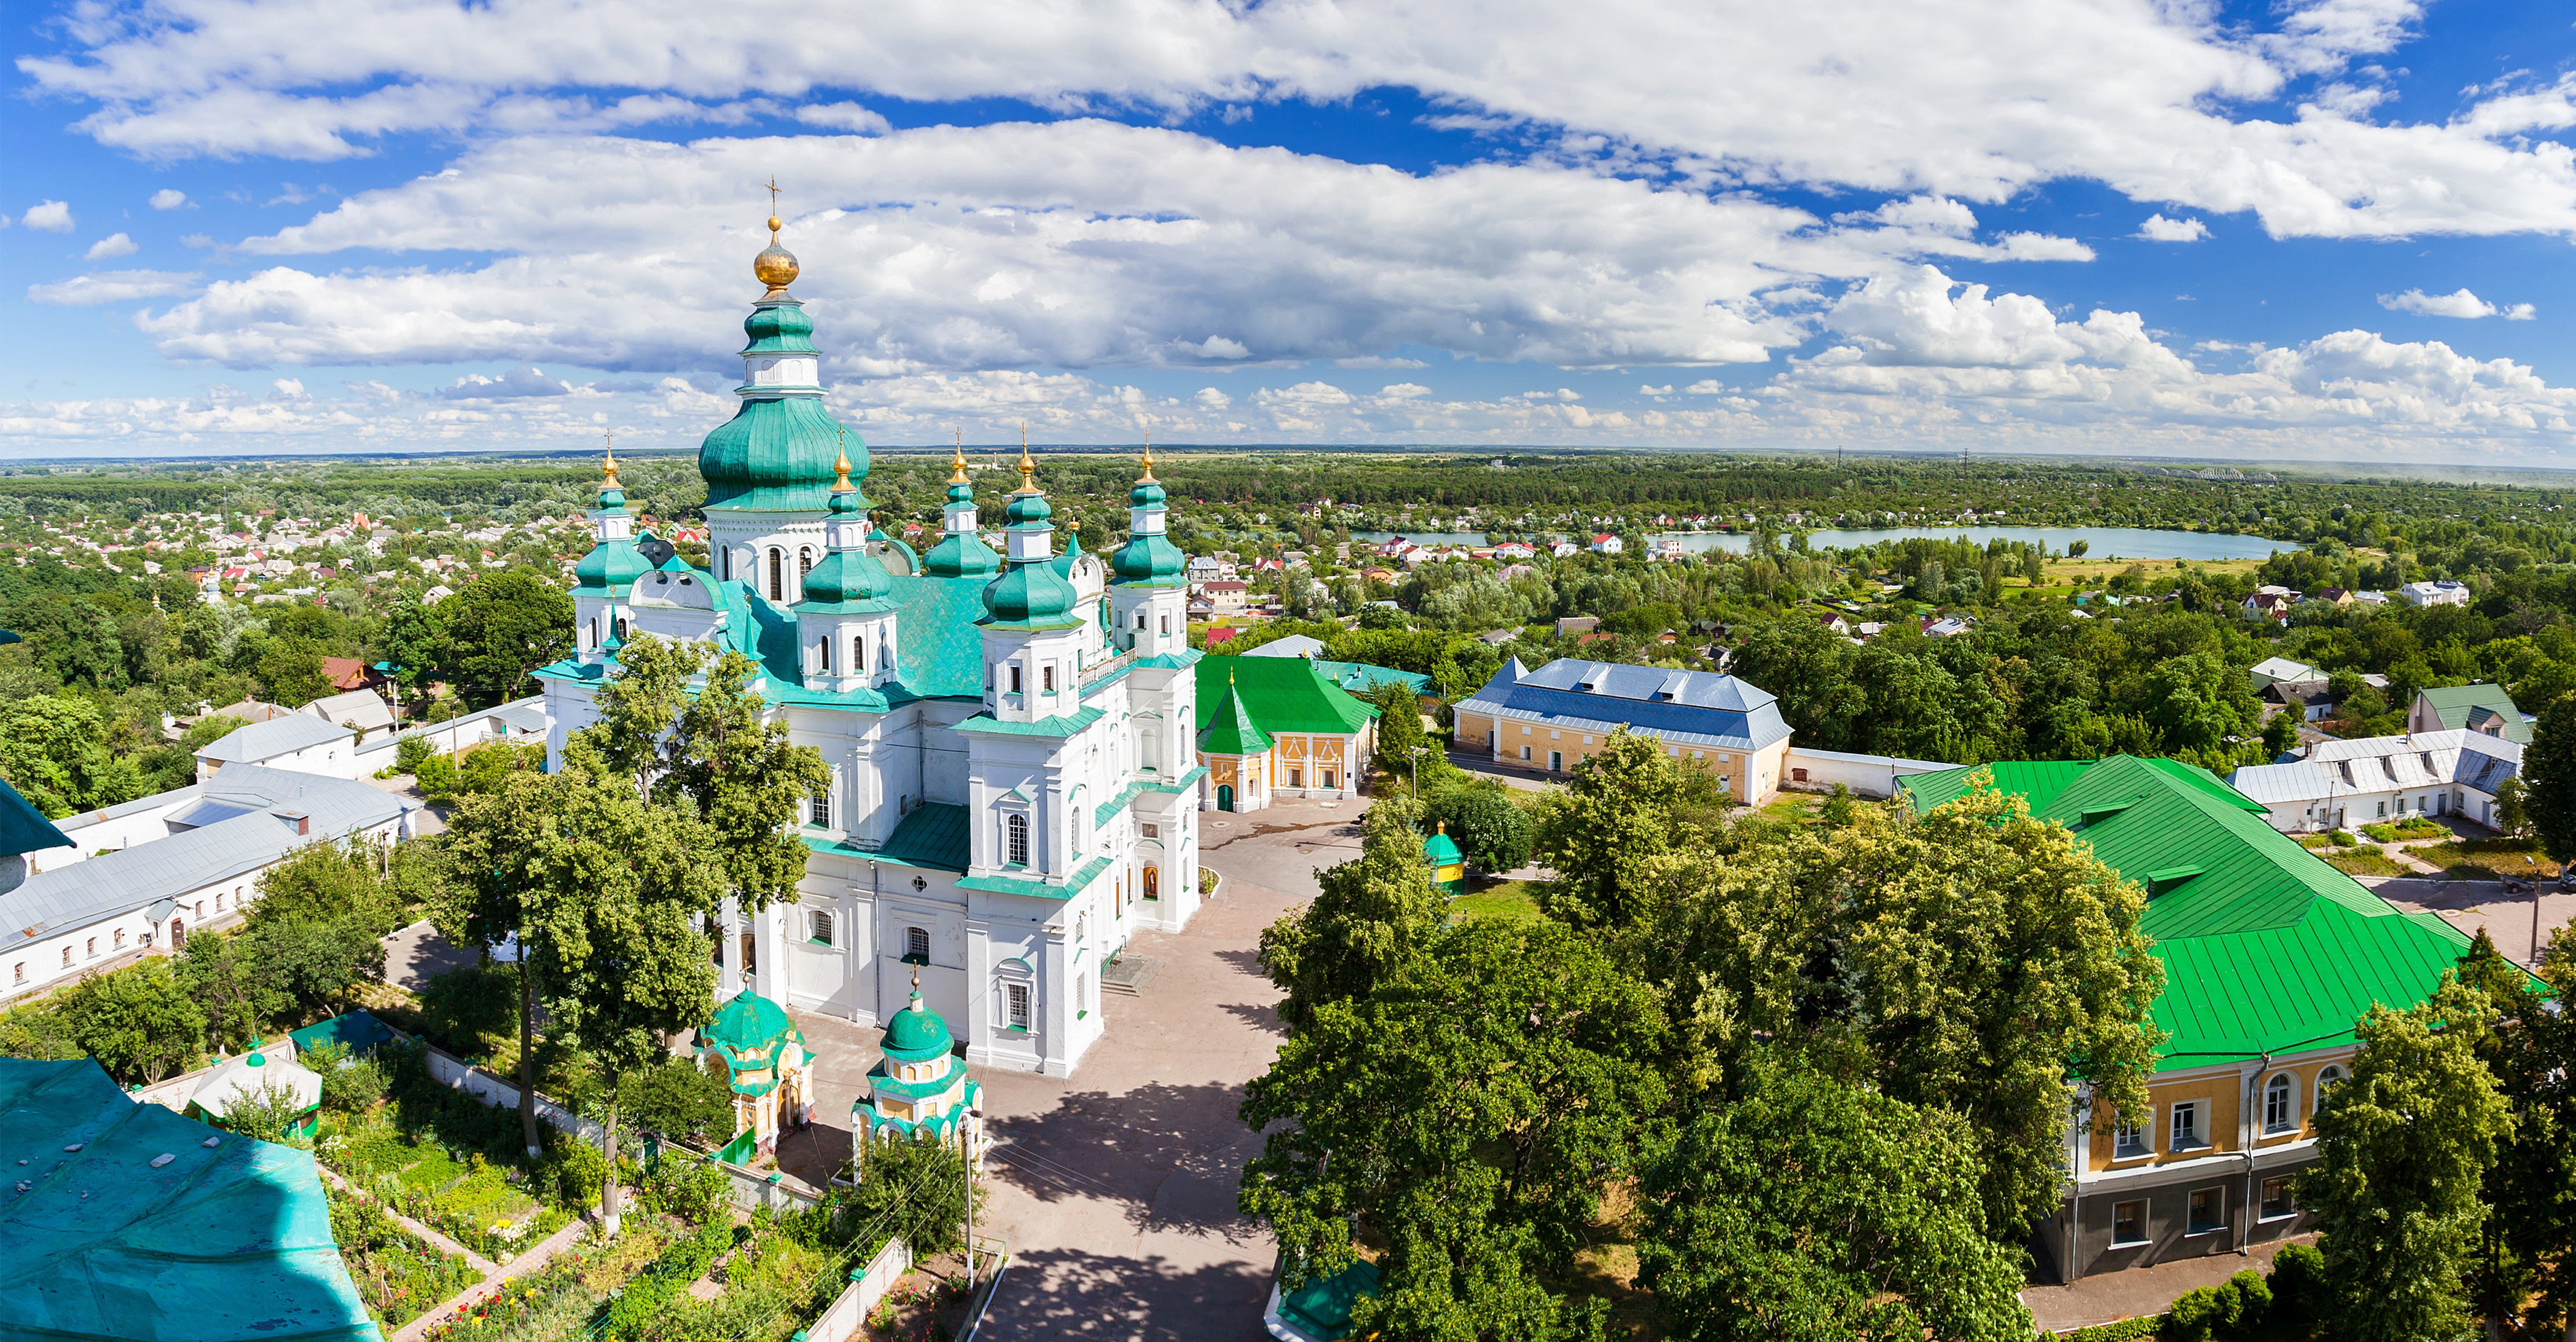 Билеты Чернигов или Миниатюры Киева